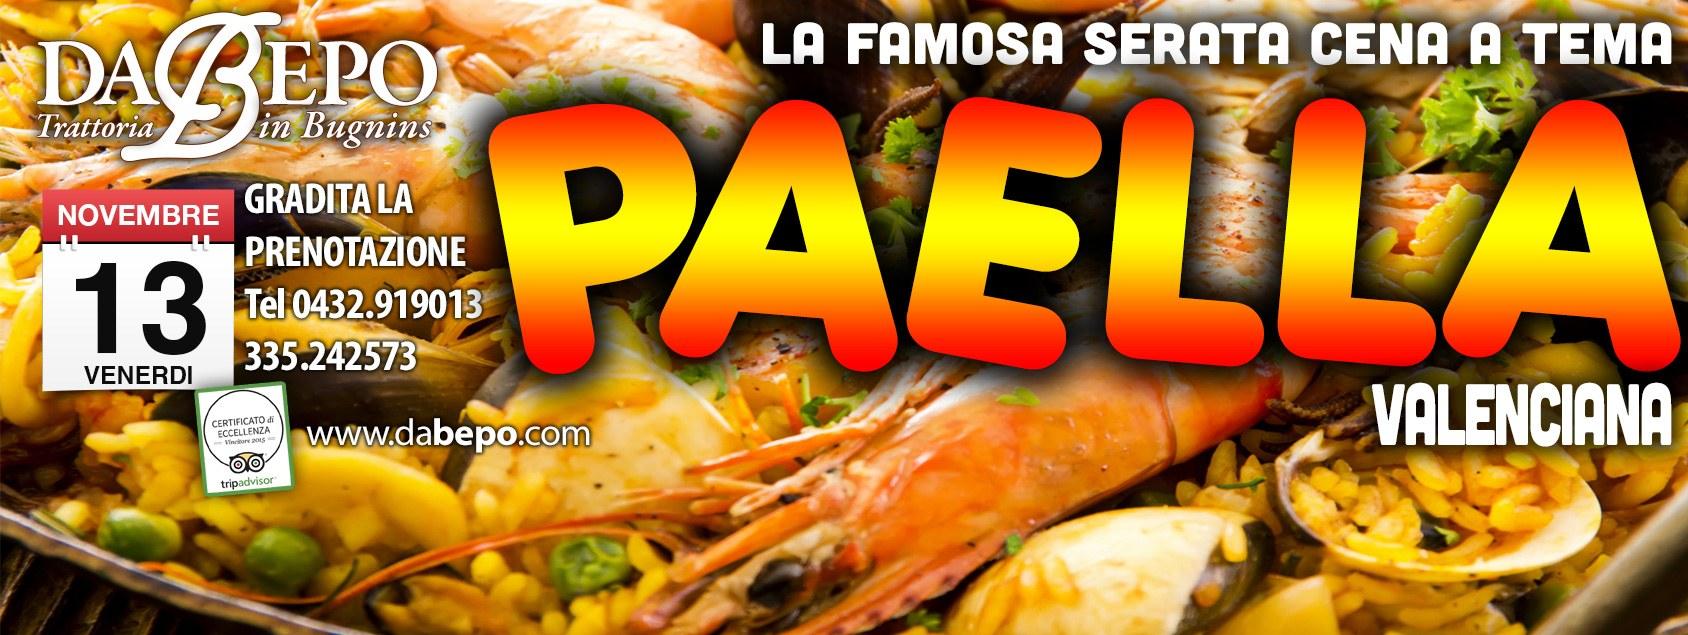 copertina paella 2e 13.10.2015   SERATA PAELLA Trattoria Da Bepo Bugnins